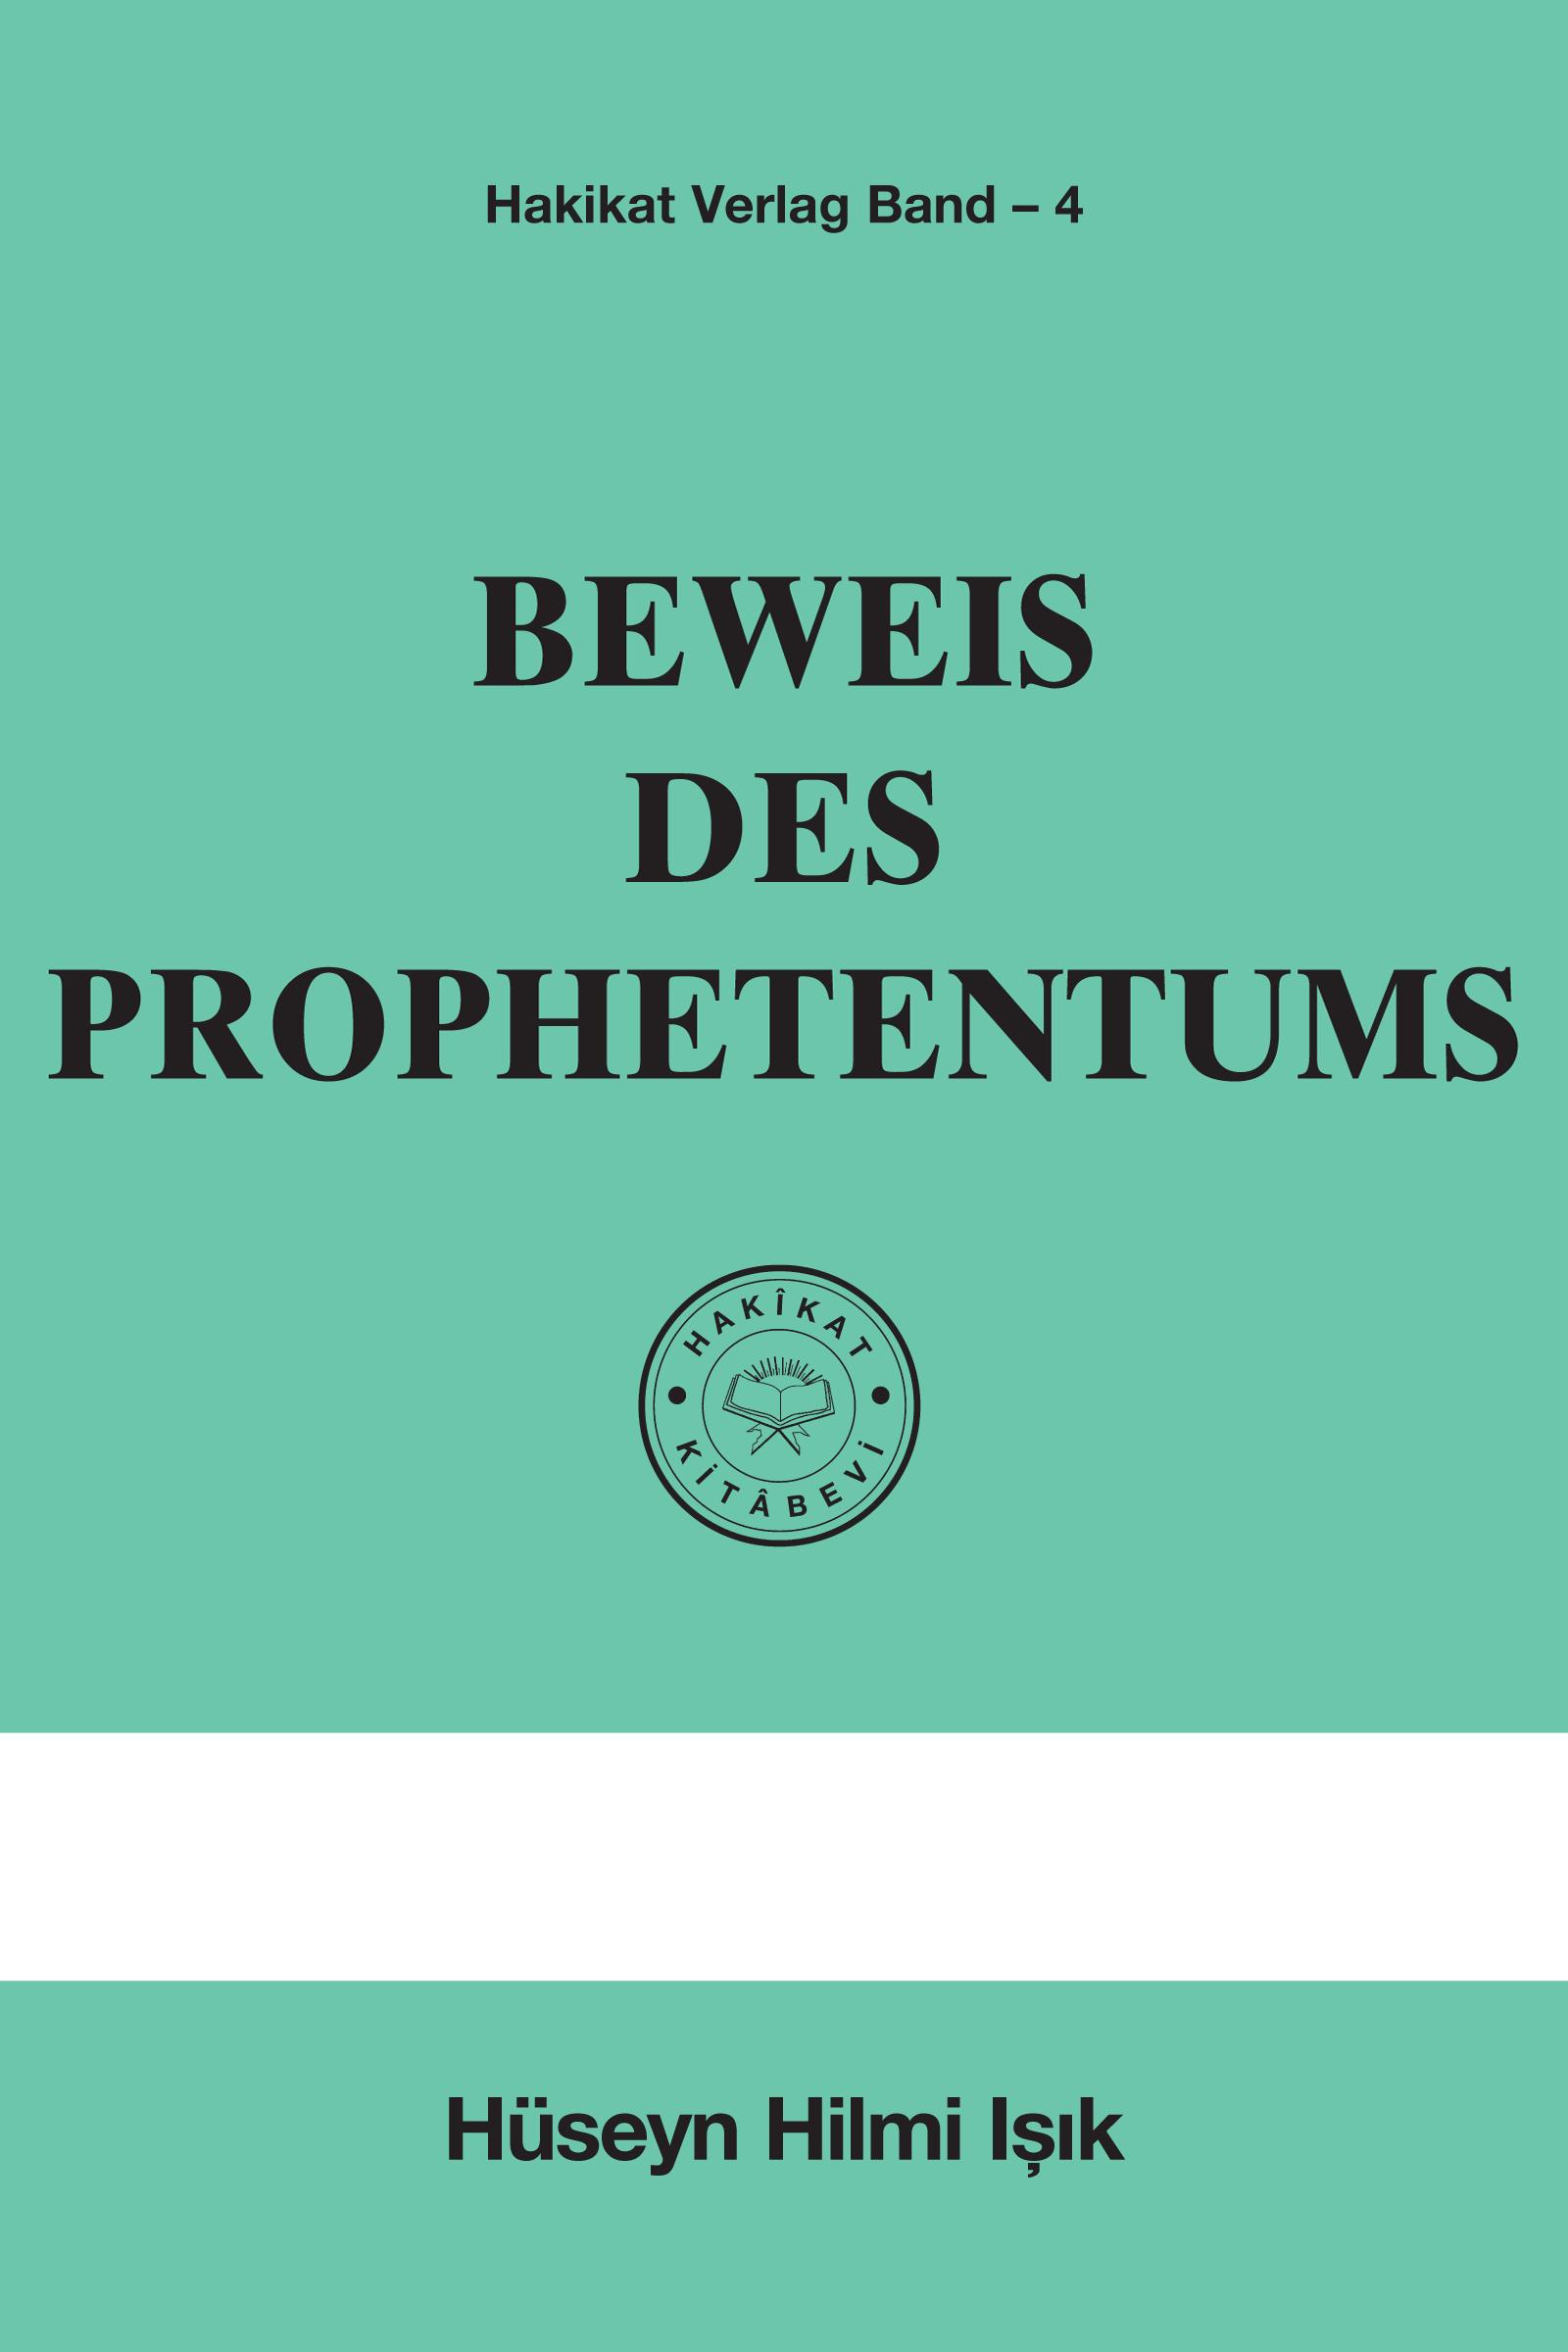 Beweis des Prophetentum